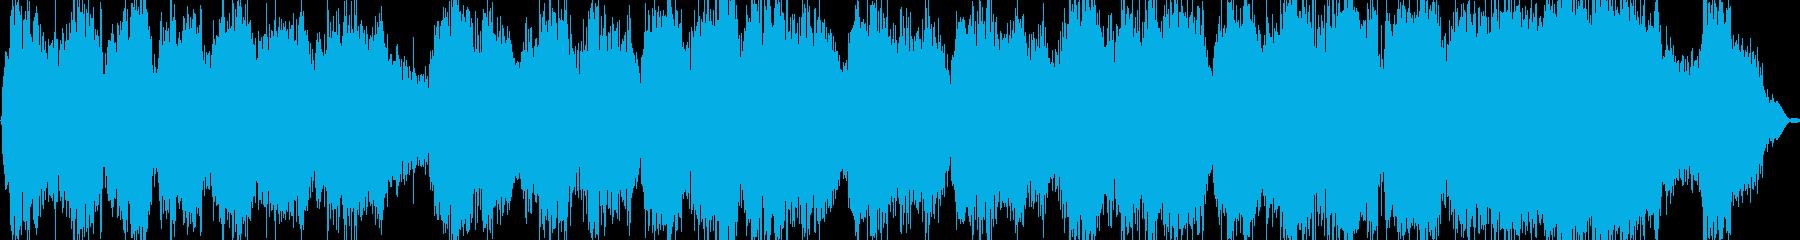 ケーナとシンセサイザーのヒーリング音楽の再生済みの波形